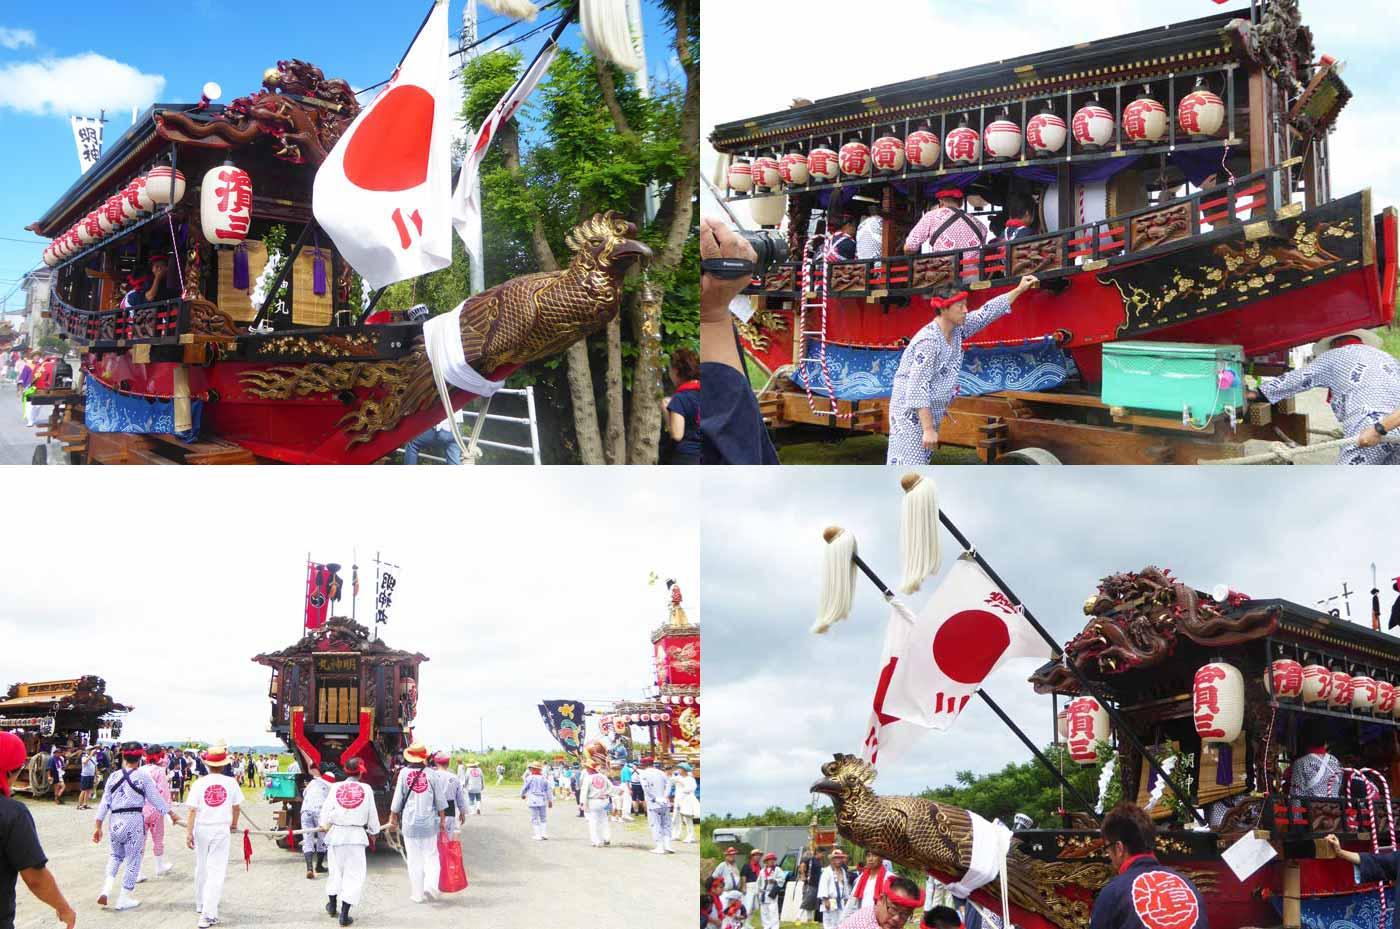 船形諏訪神社例祭 浜三区の御舟